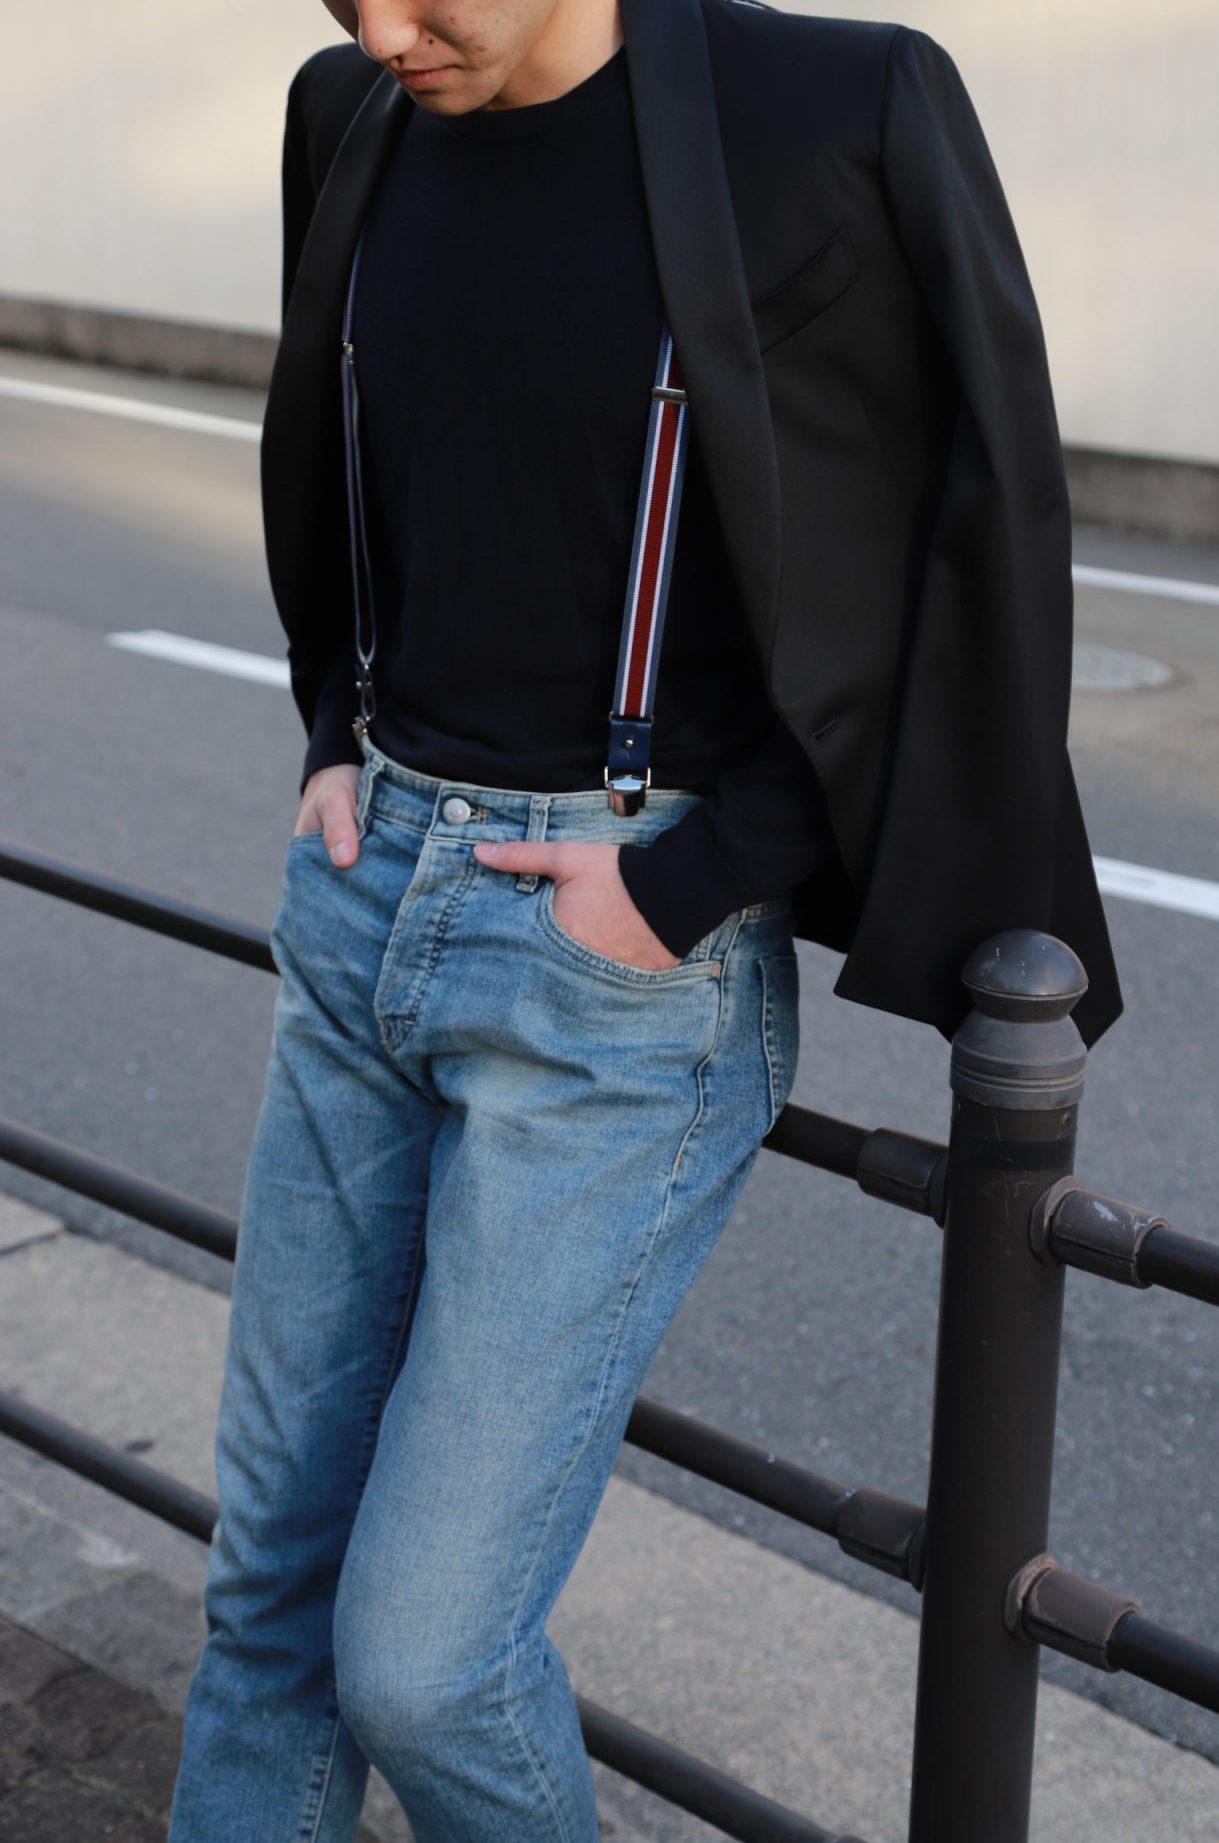 ザトリートドレッシング大阪店がご紹介するご新郎様におすすめのオーダータキシードとデニムを使用したカジュアルコーディネート